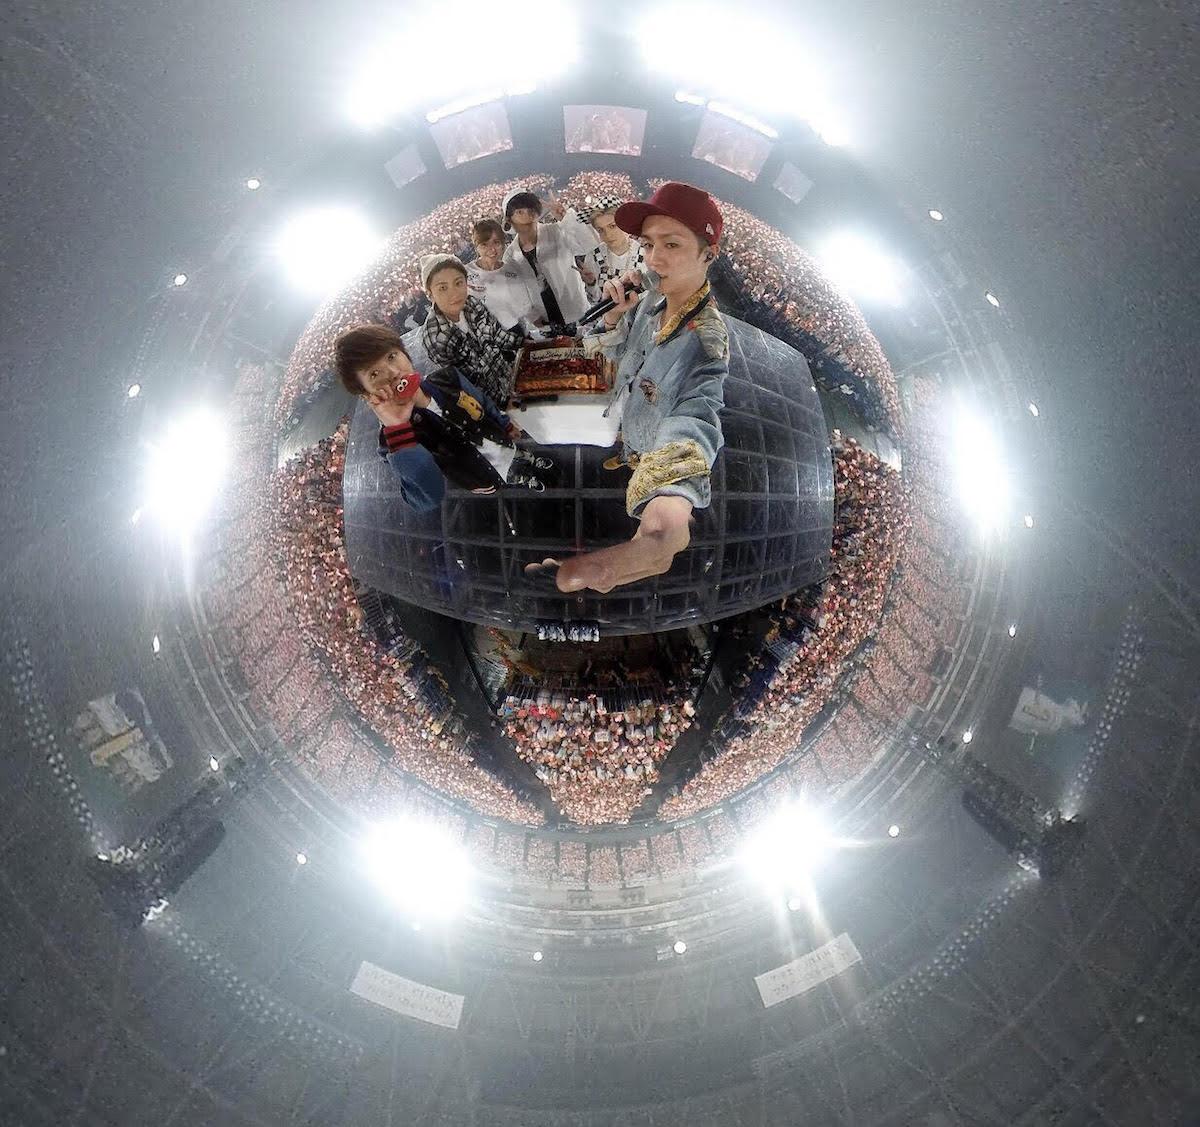 AAA・西島隆弘が4大ドームツアーセミファイナルで31歳の誕生日を迎える「みなさん何歳かは知らないけれど…」サムネイル画像